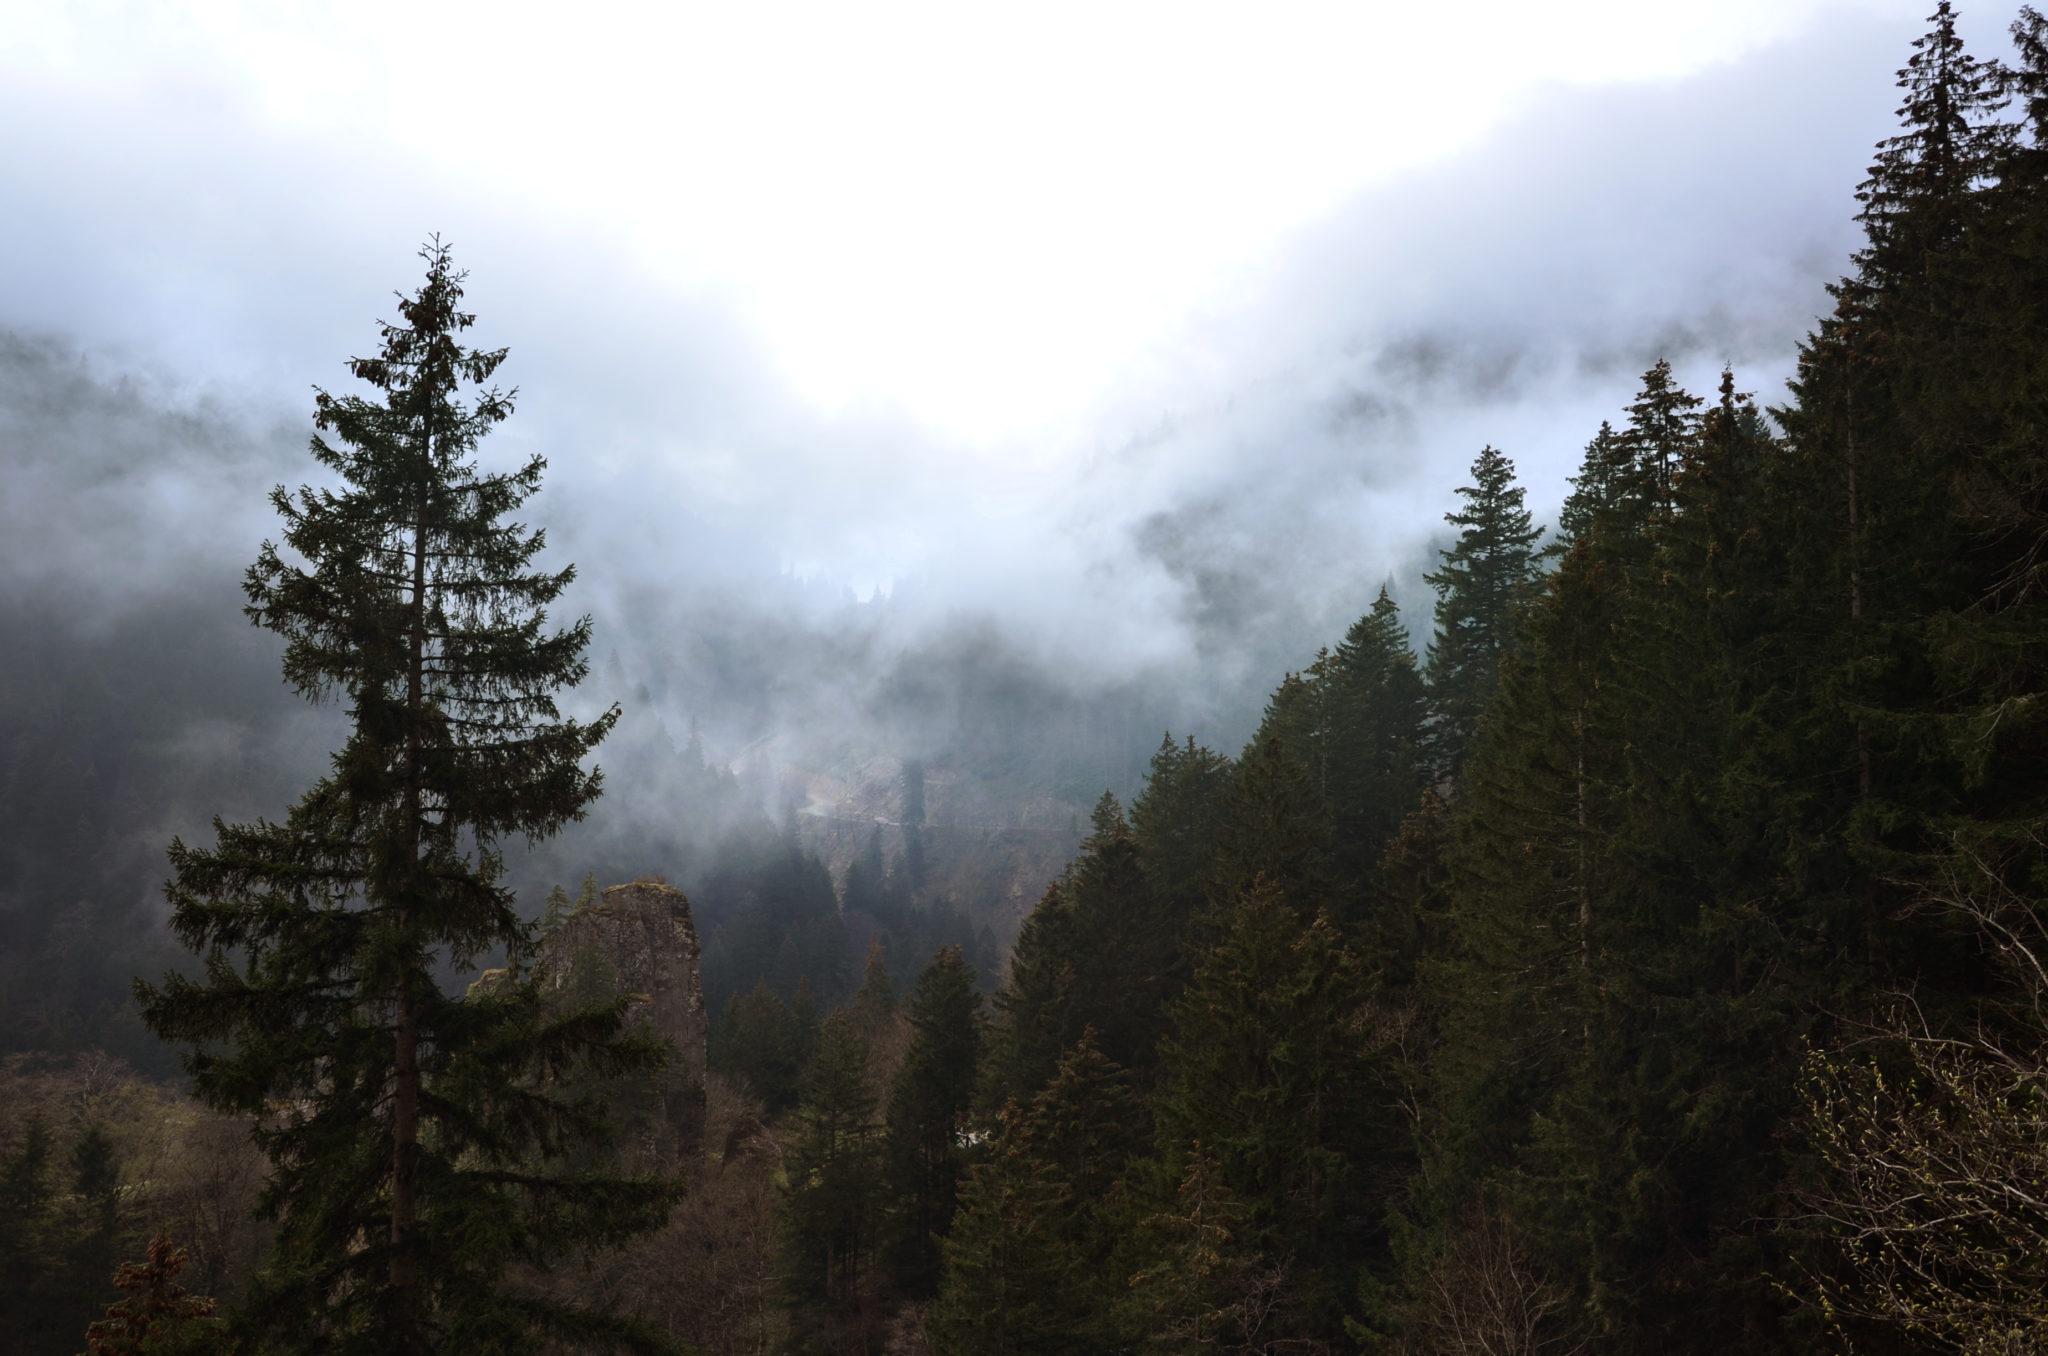 Kloster-Sumela-Nebel